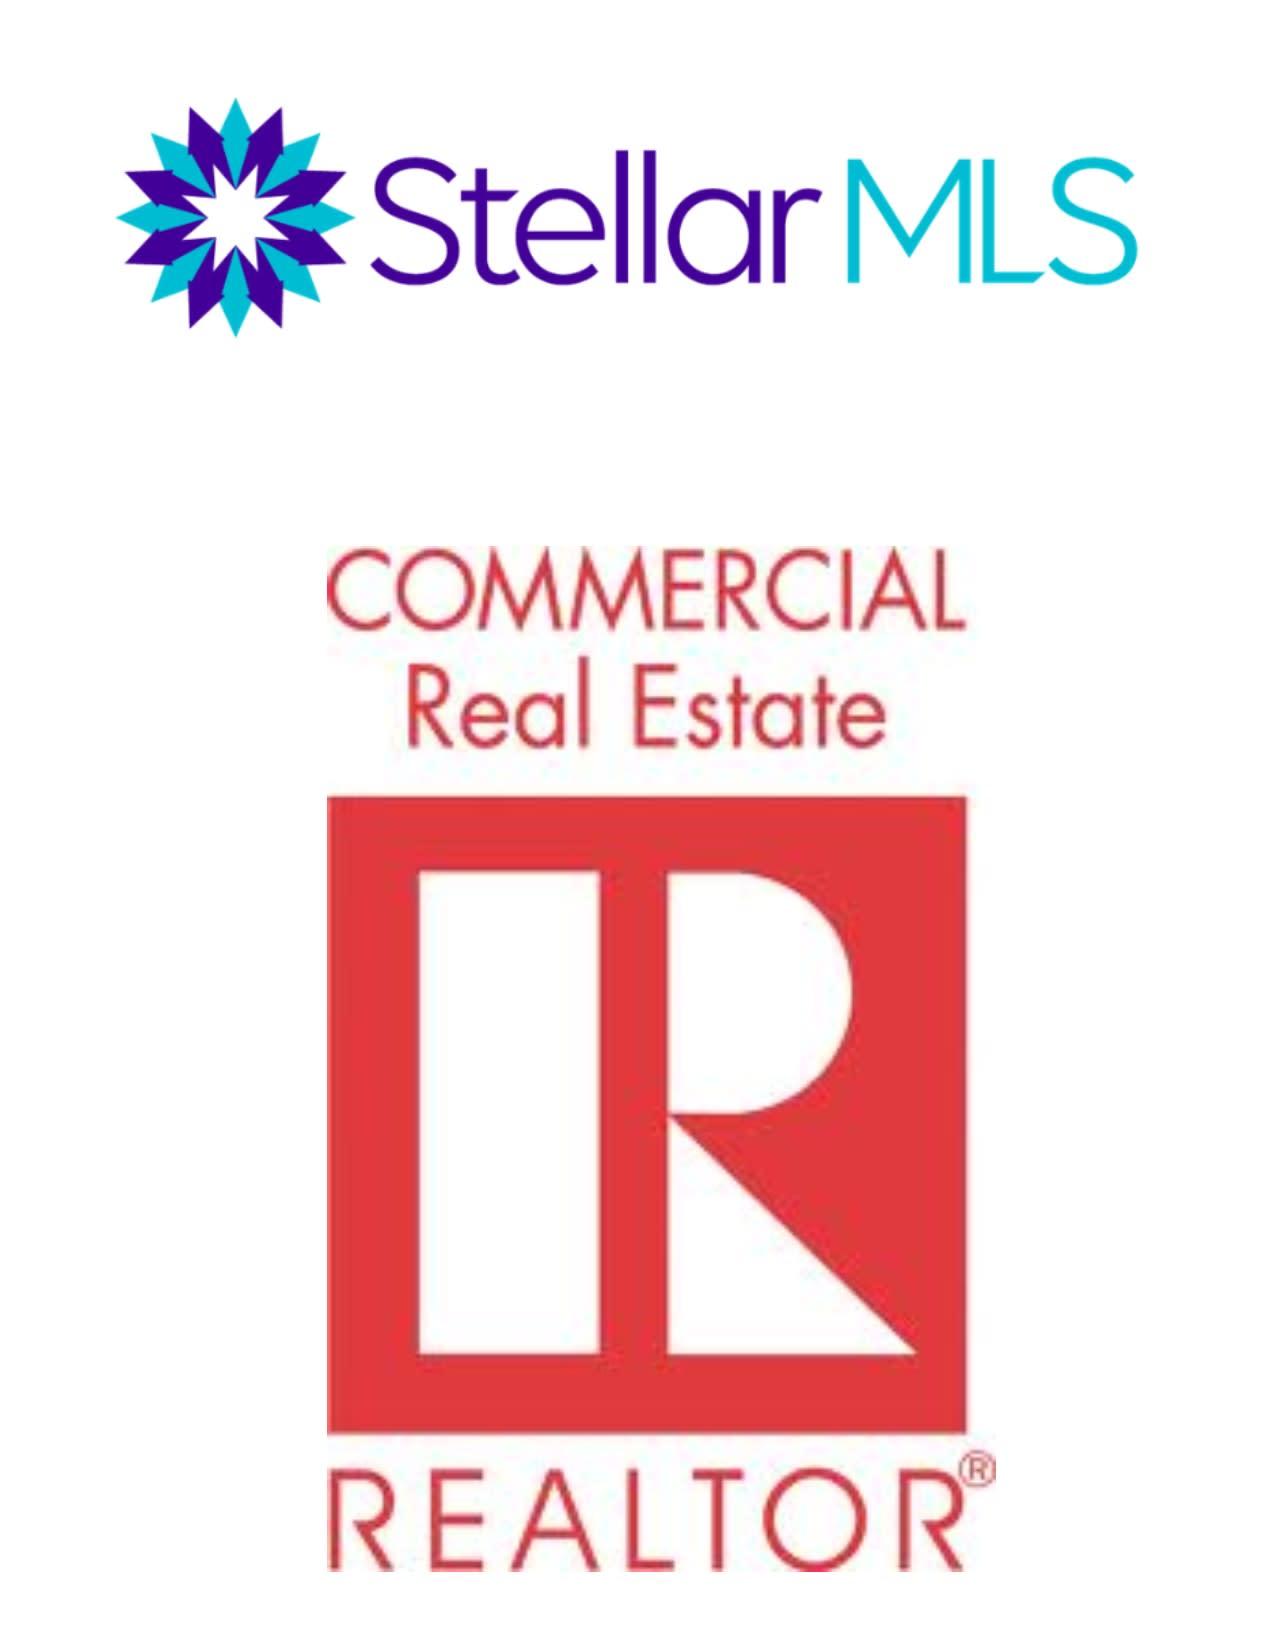 Stellar & Commercial REALTOR logos